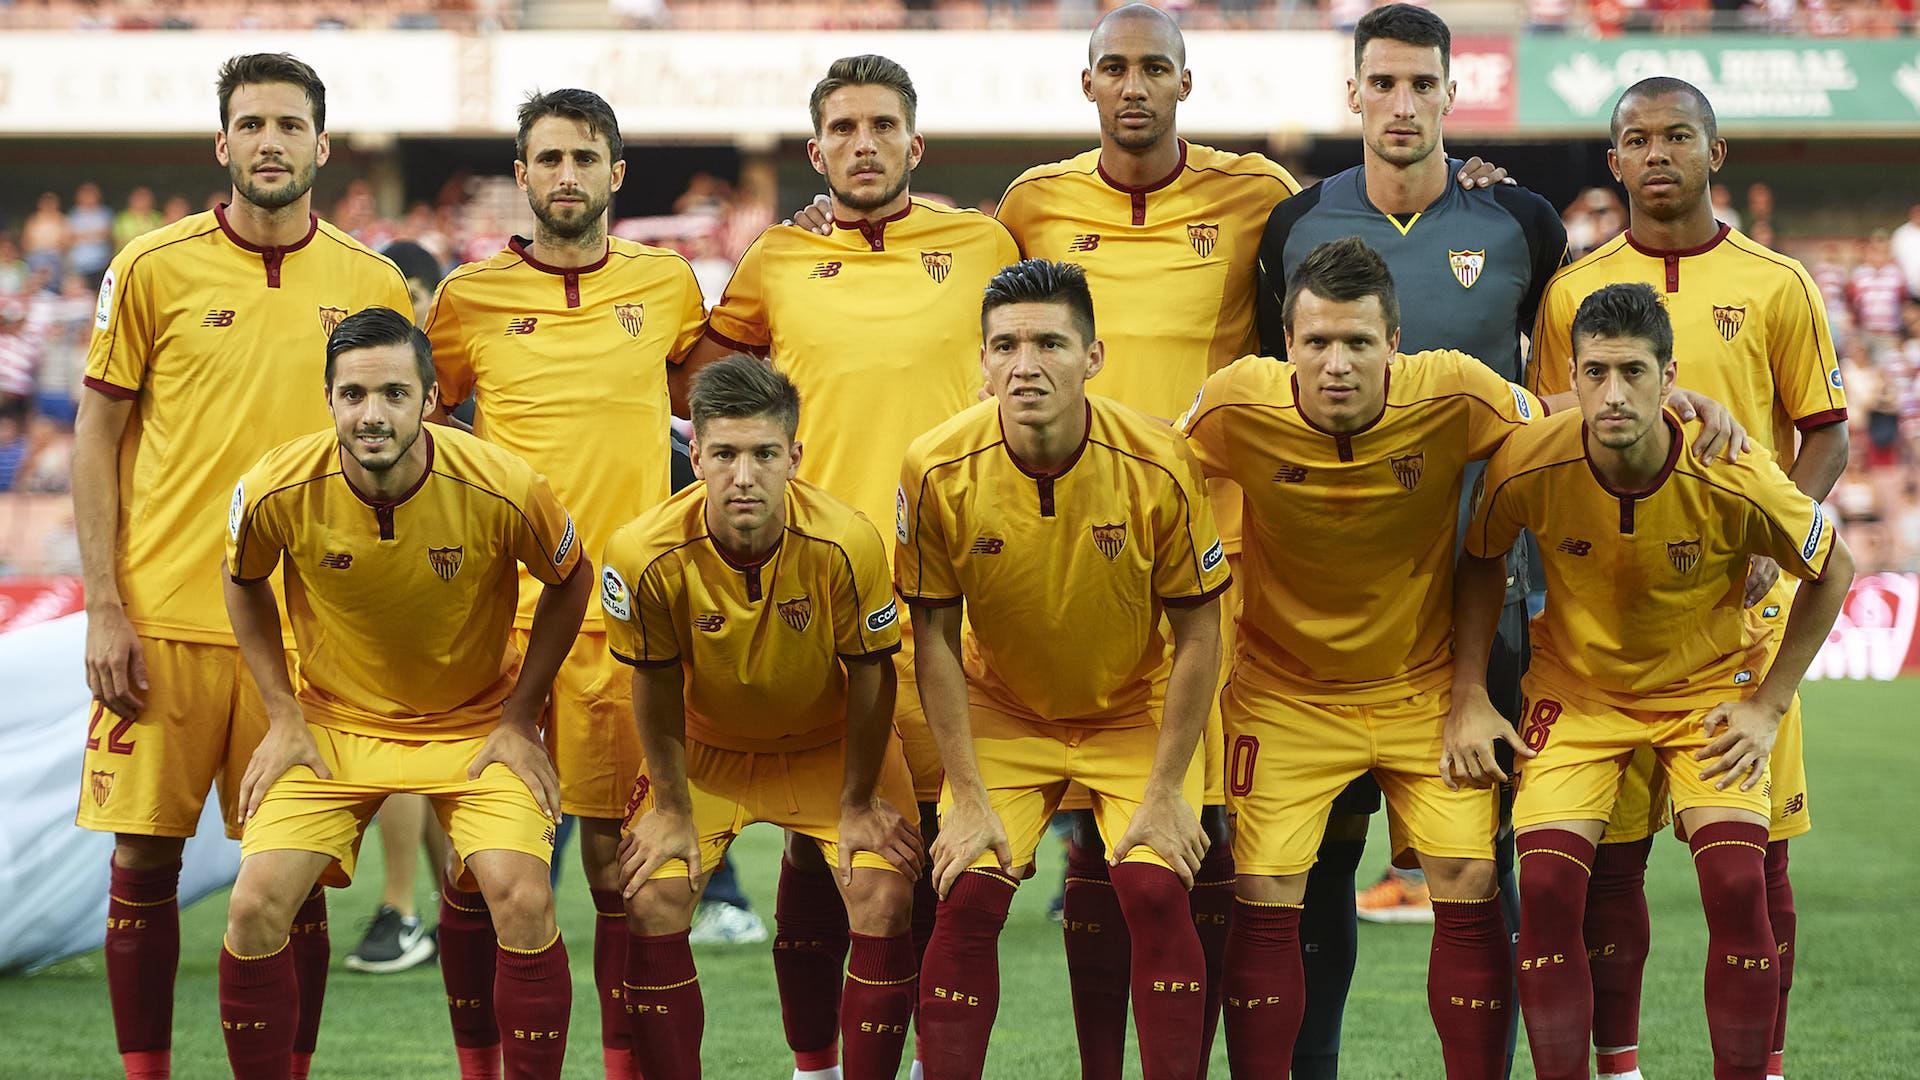 Картинки футбольных клубов испании